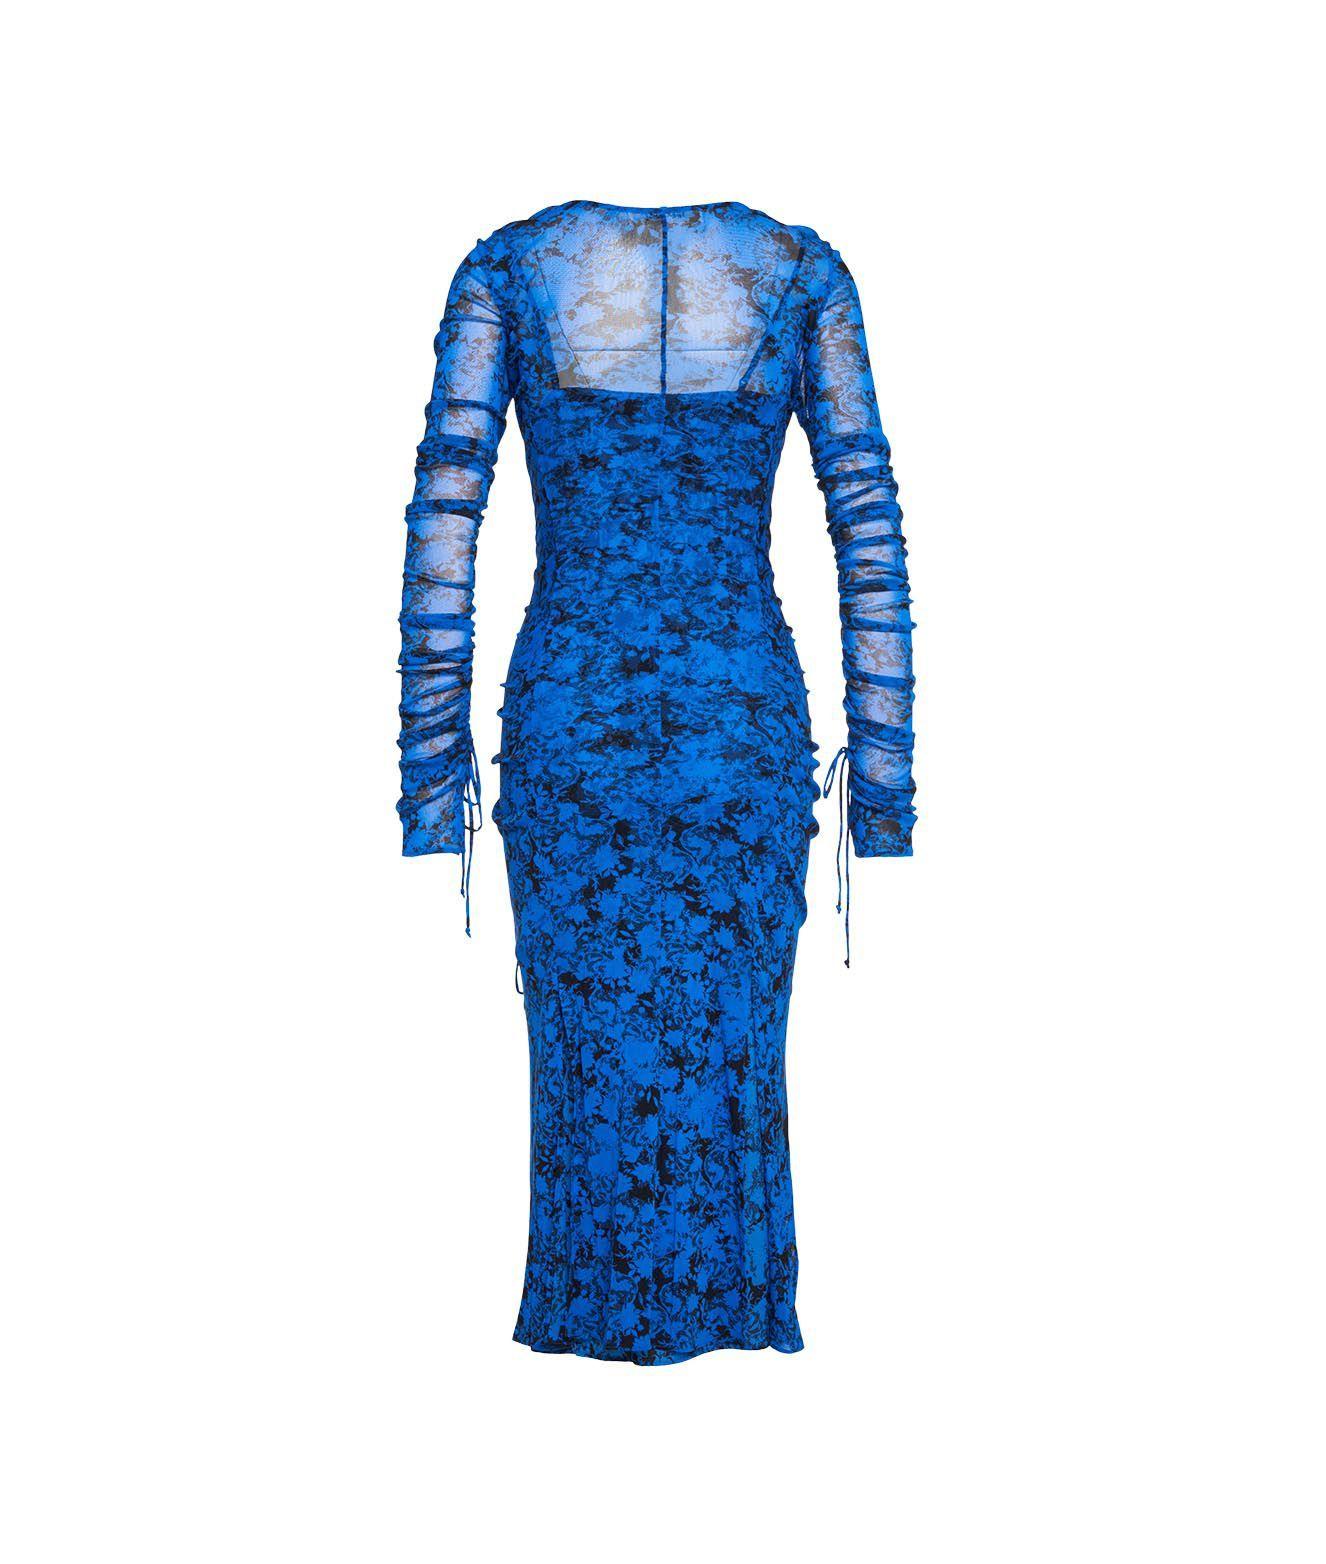 DIANE VON FURSTENBERG Dresses DIANE VON FURSTENBERG WOMEN'S BLUE OTHER MATERIALS DRESS